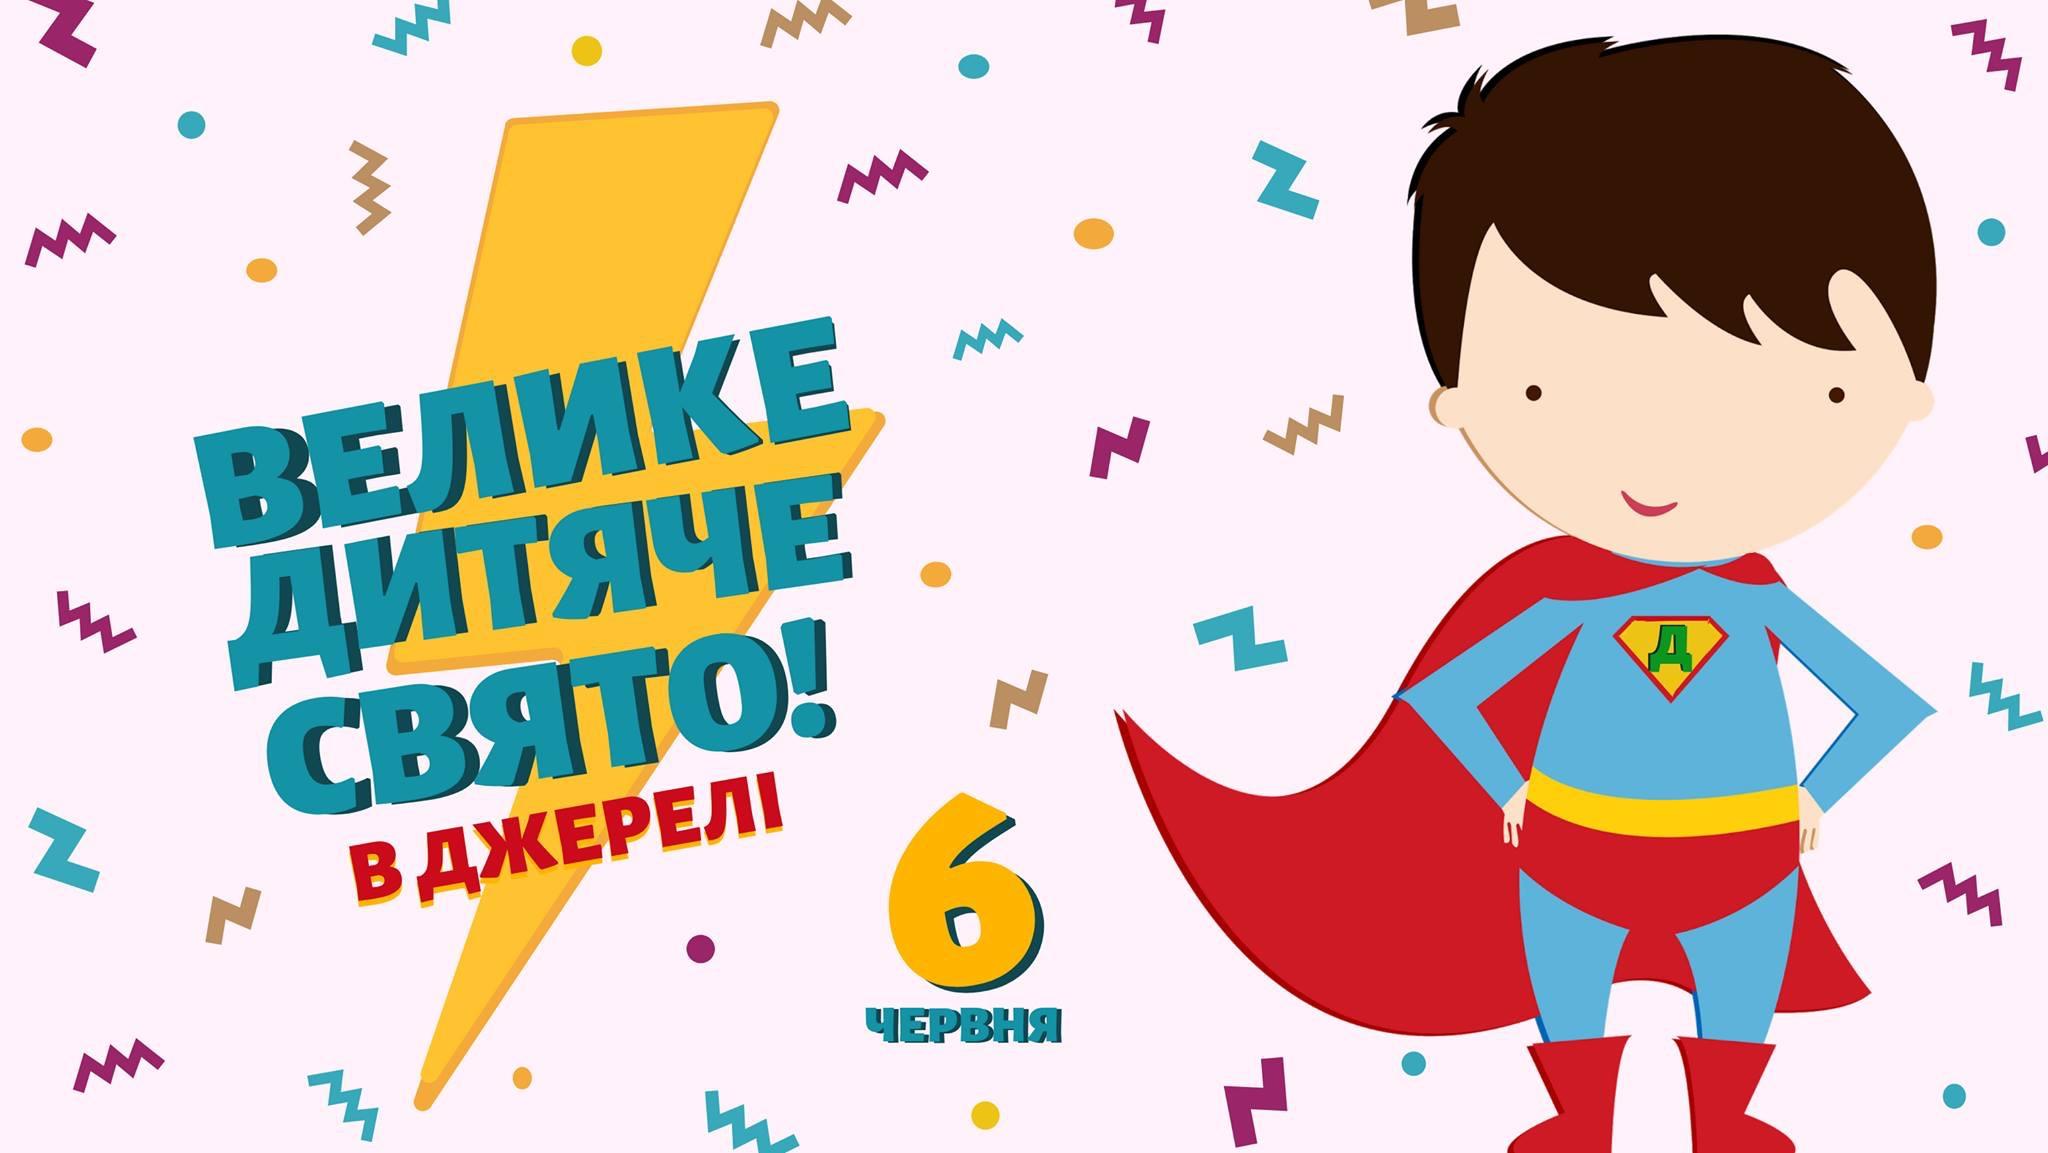 Центр «Джерело» влаштовує дитяче супергеройське свято